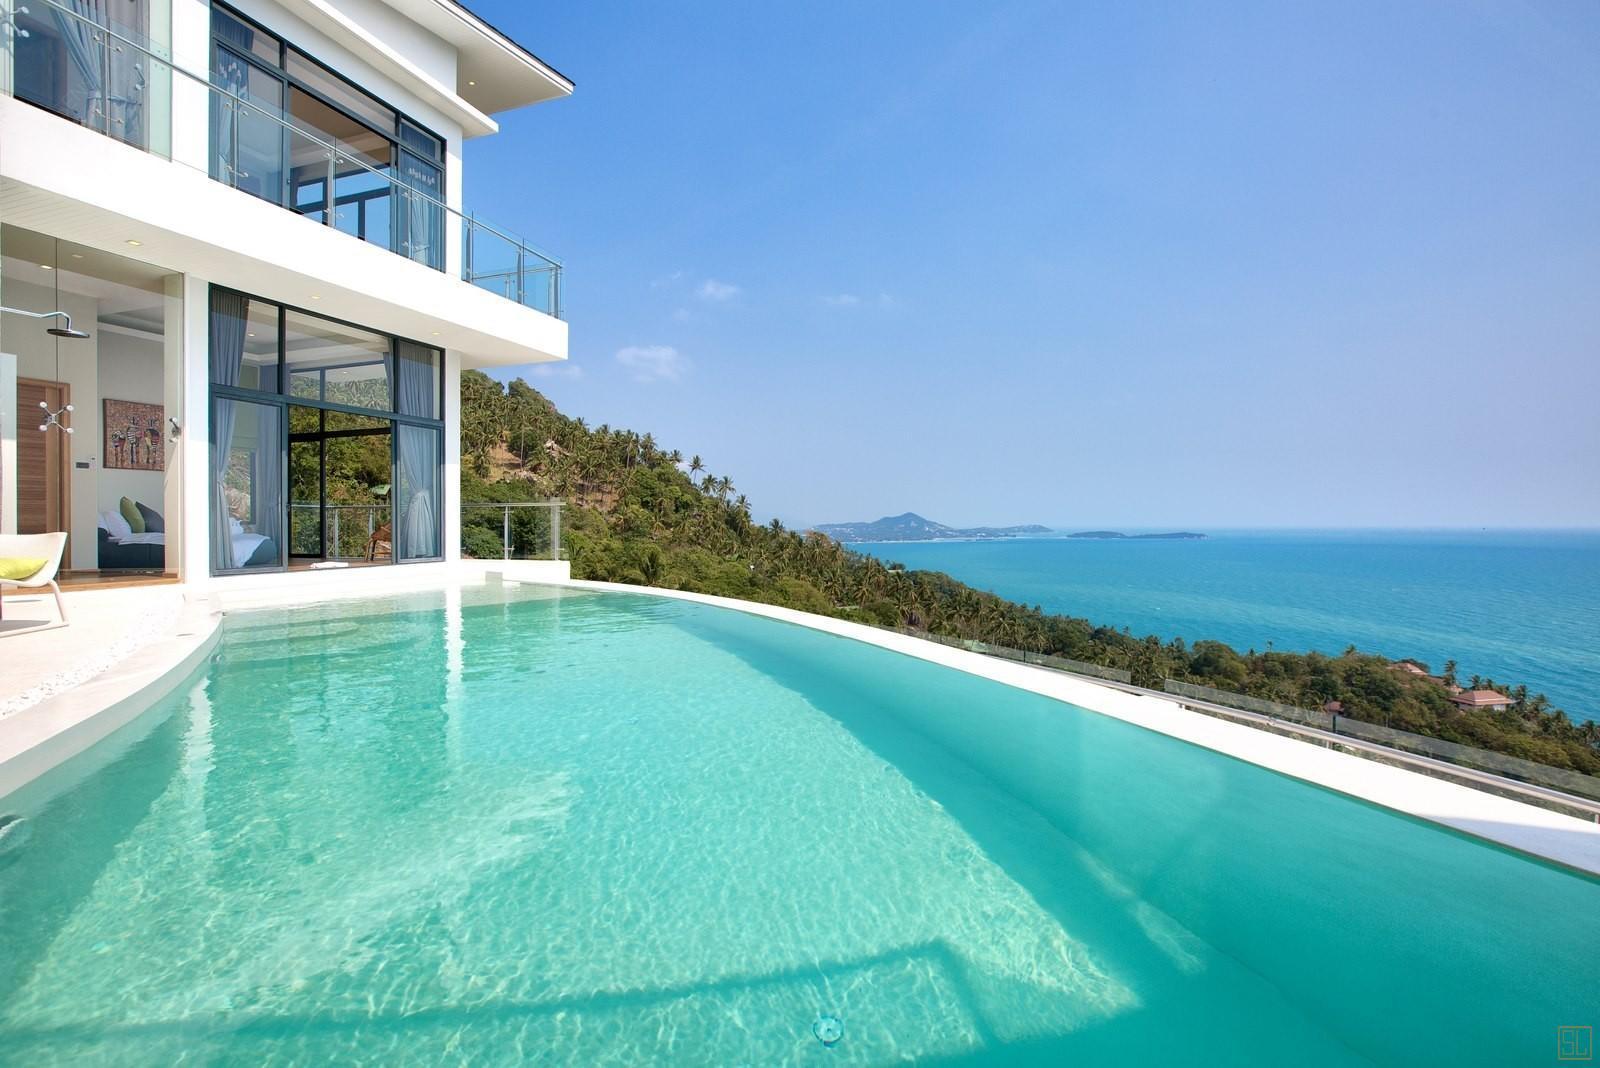 泰国苏梅岛萨瓦蒂别墅泳池